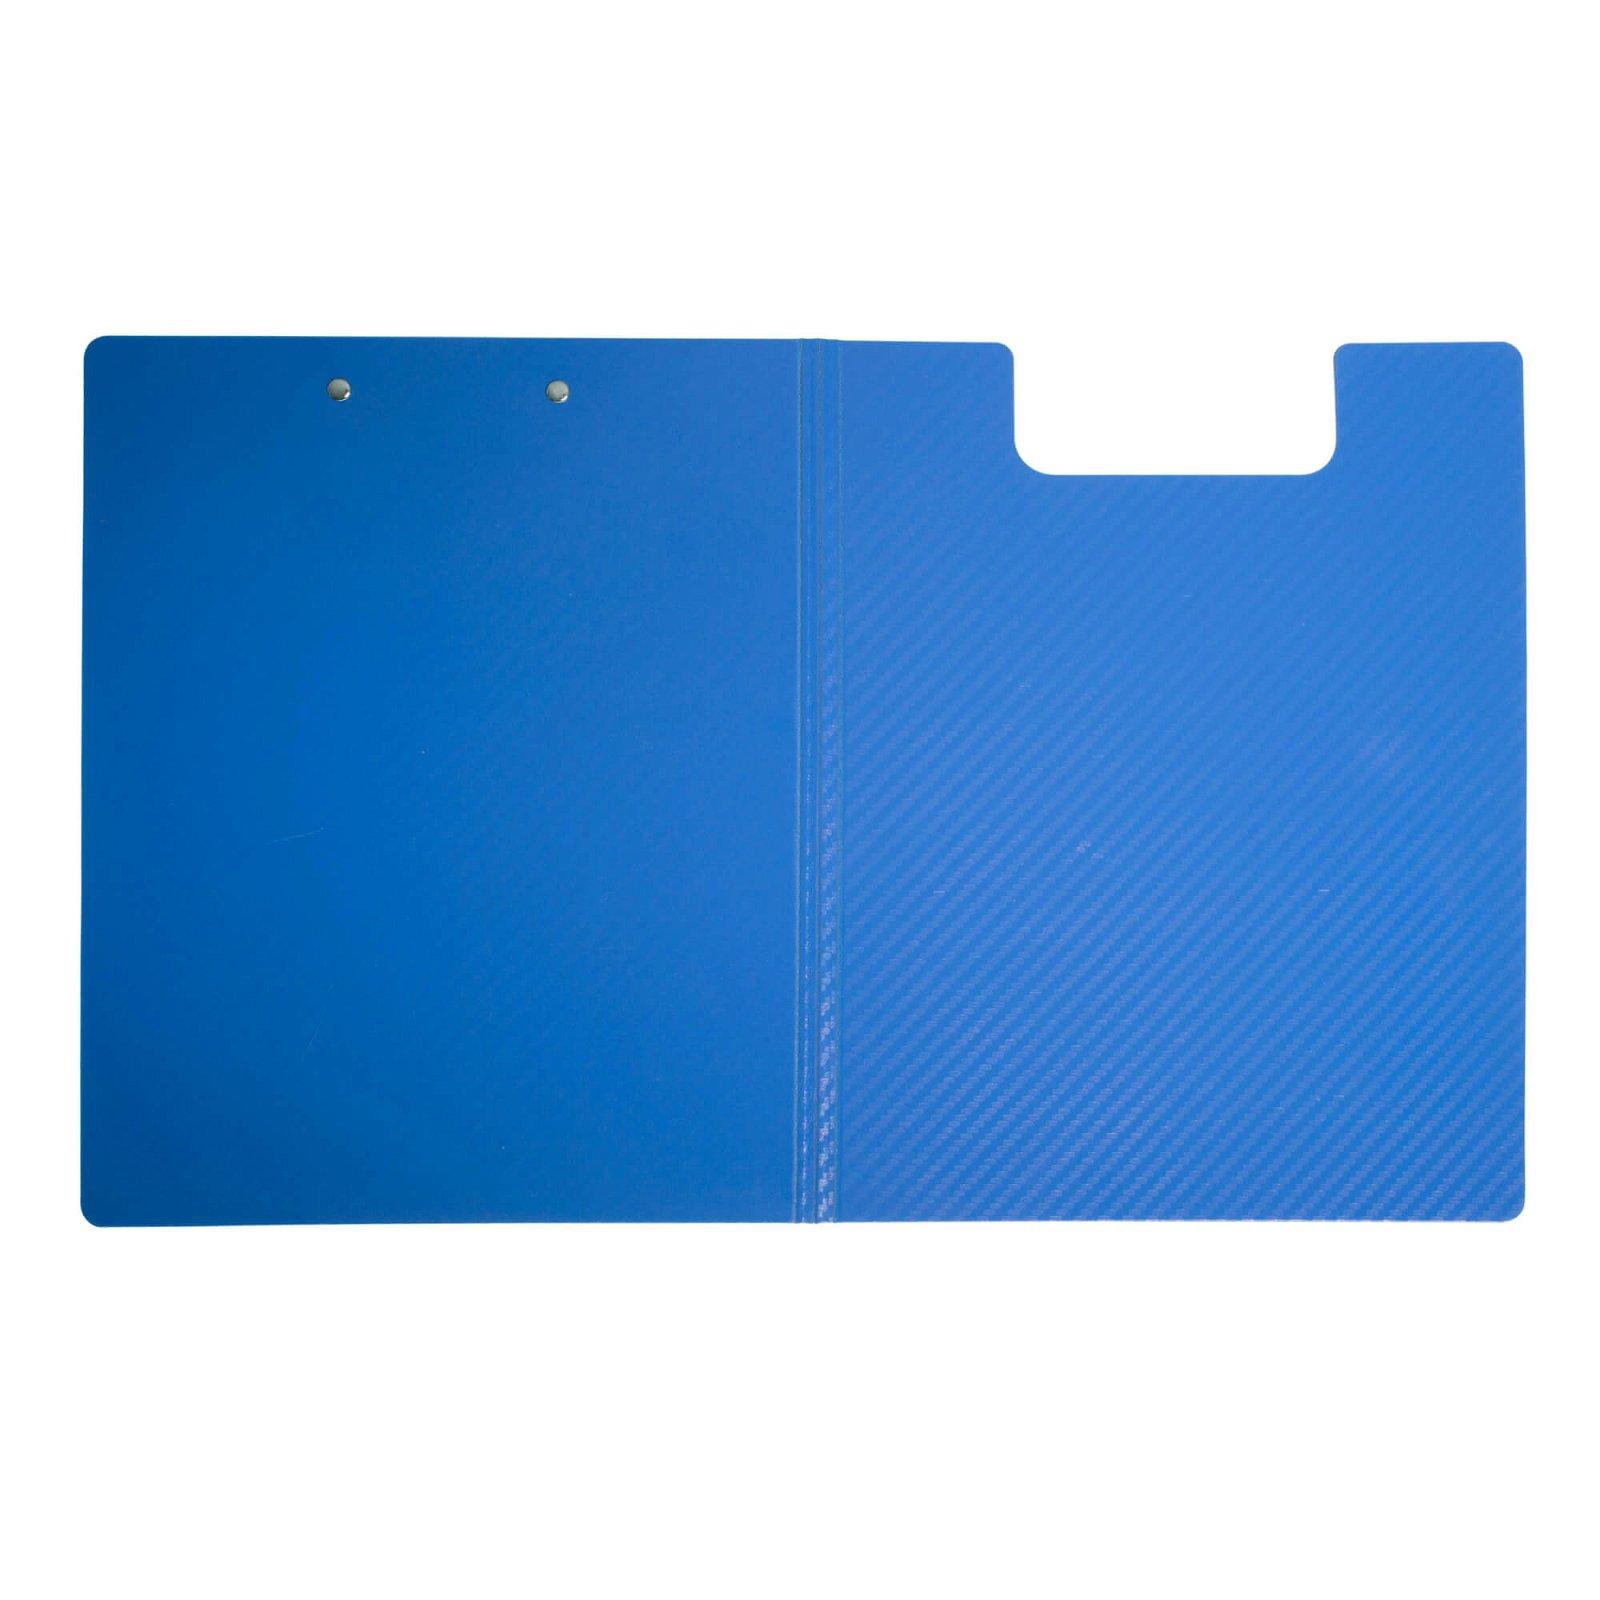 A4 Schreibmappe MAULflexx, blau